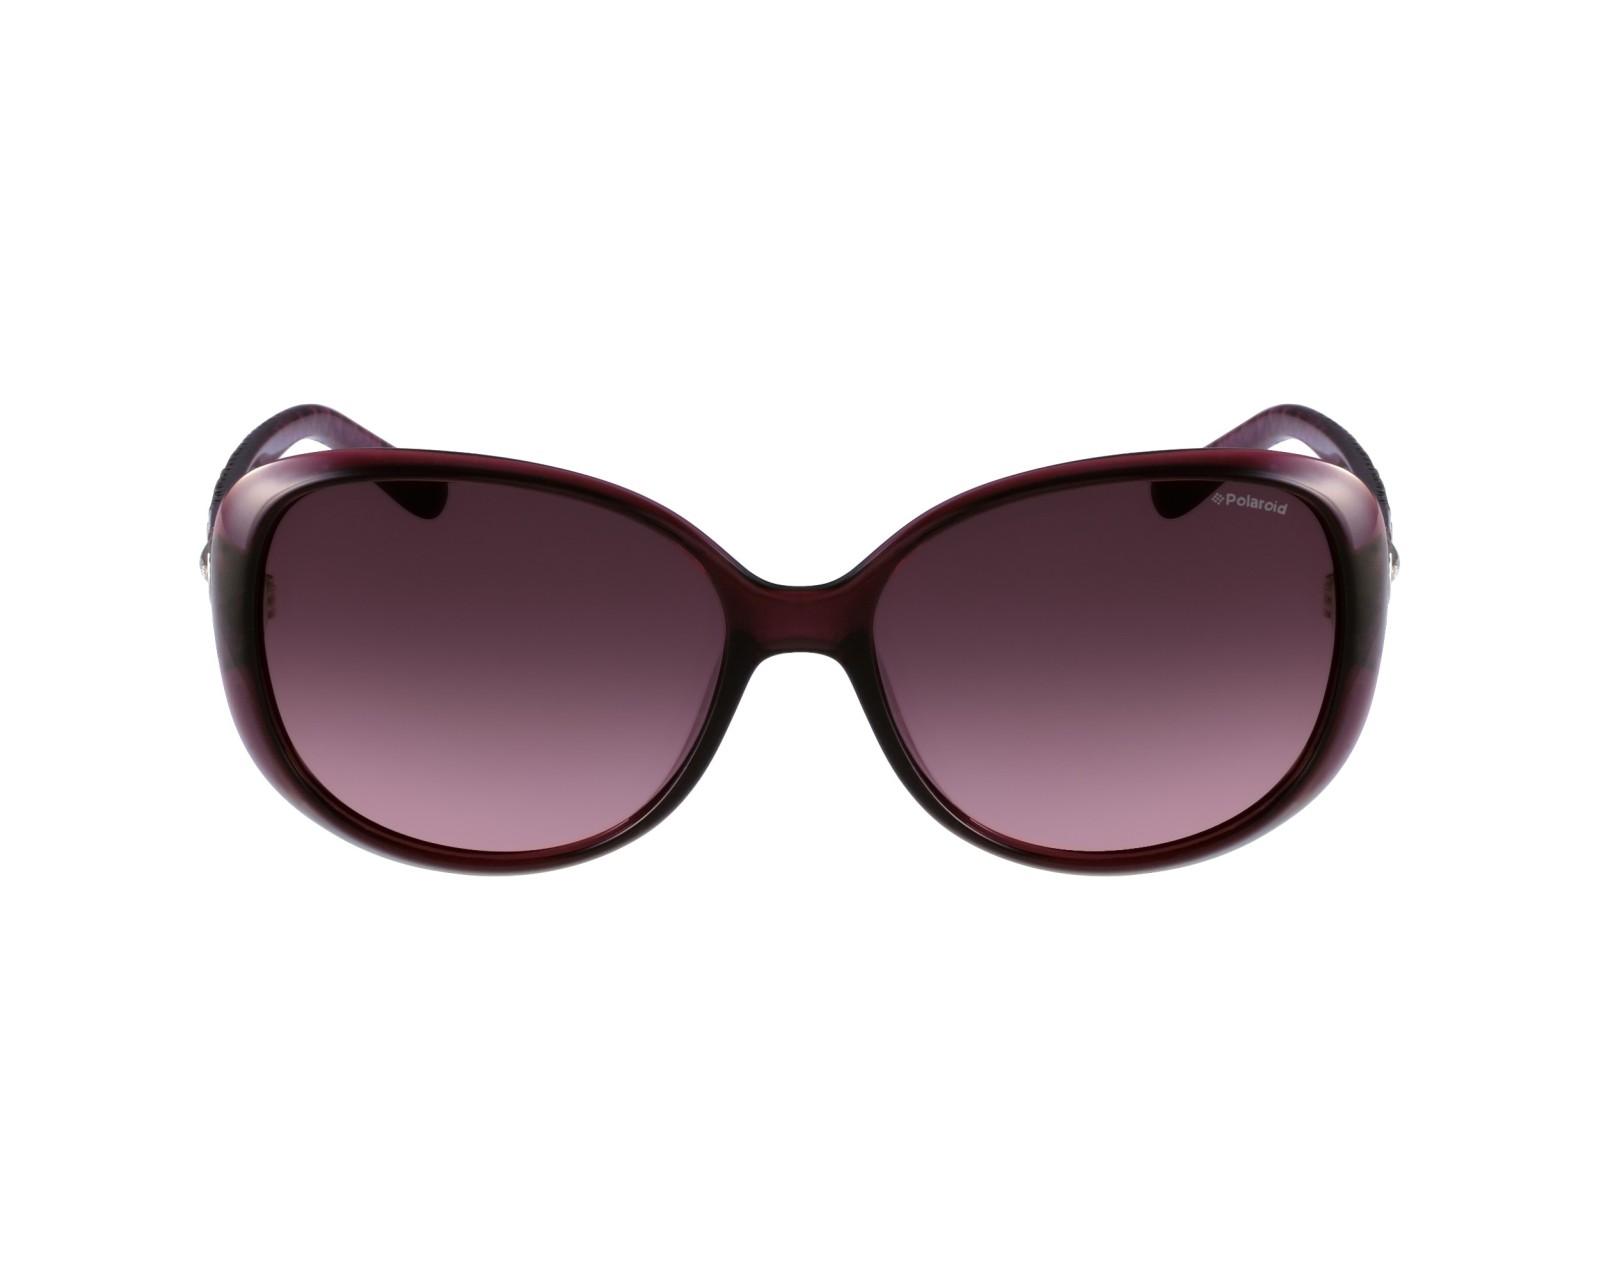 Polaroid Sunglasses P-8430 C6T/MR Purple